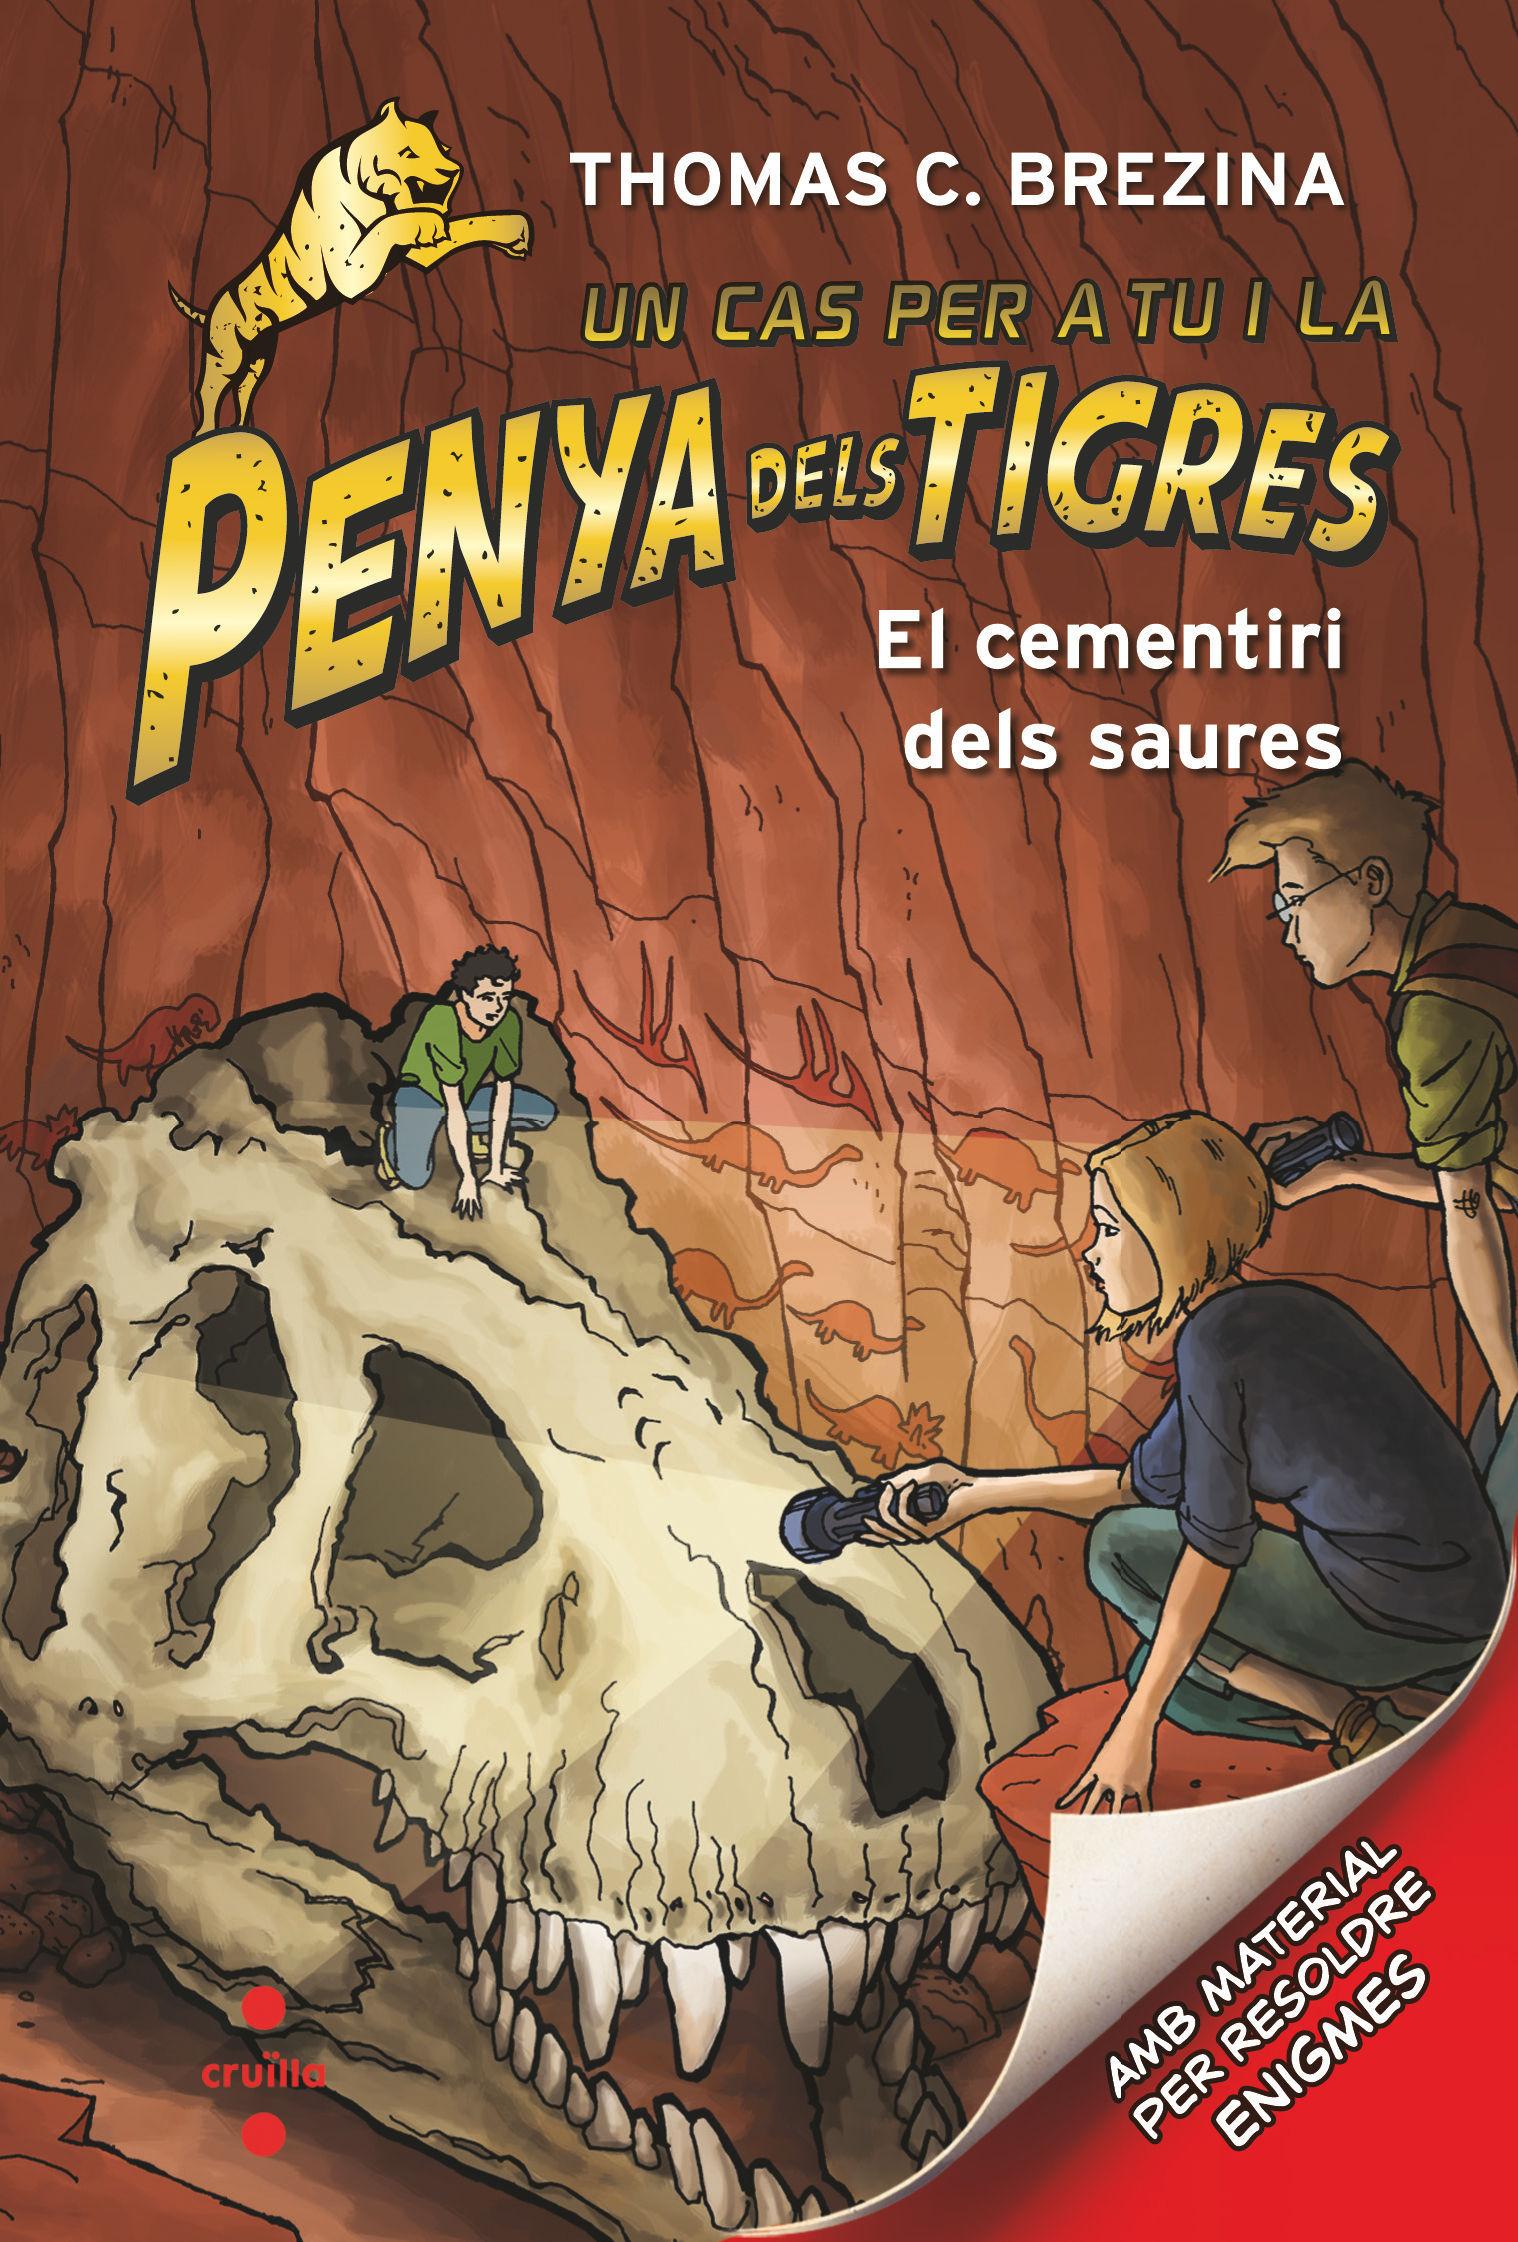 PENYA DELS TIGRES EL CEMENTIRI DELS SAURES